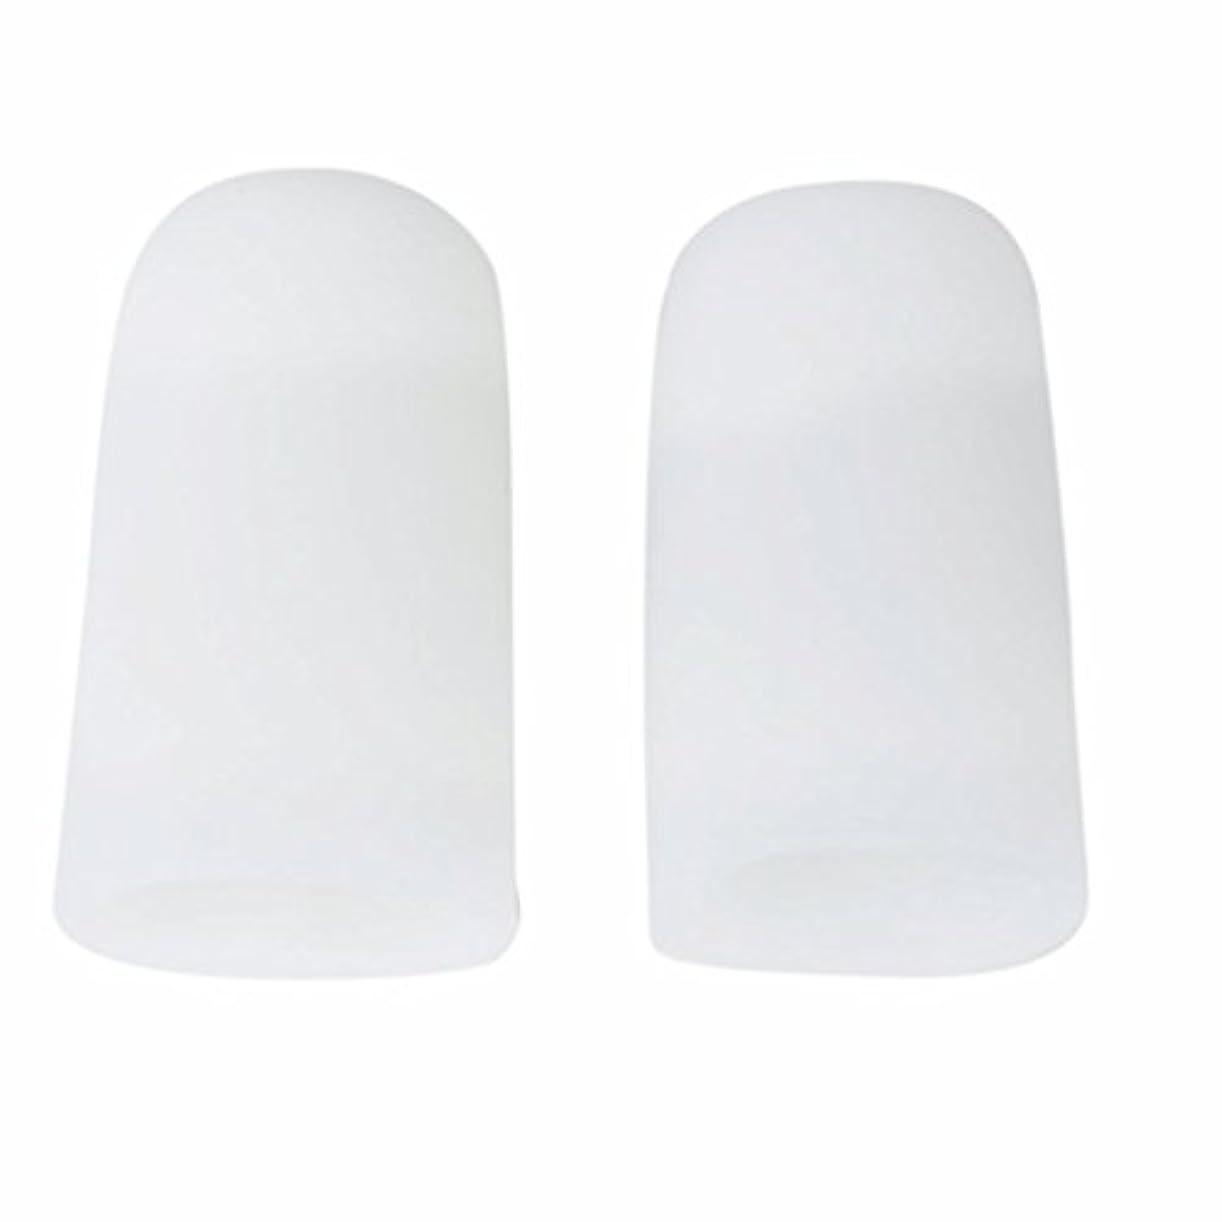 同志普通に尊敬するAMAA 足指 保護キャップ つま先 プロテクター 足先のつめ 保護キャップ シリコン S M Lサイズ 1ペア (M)